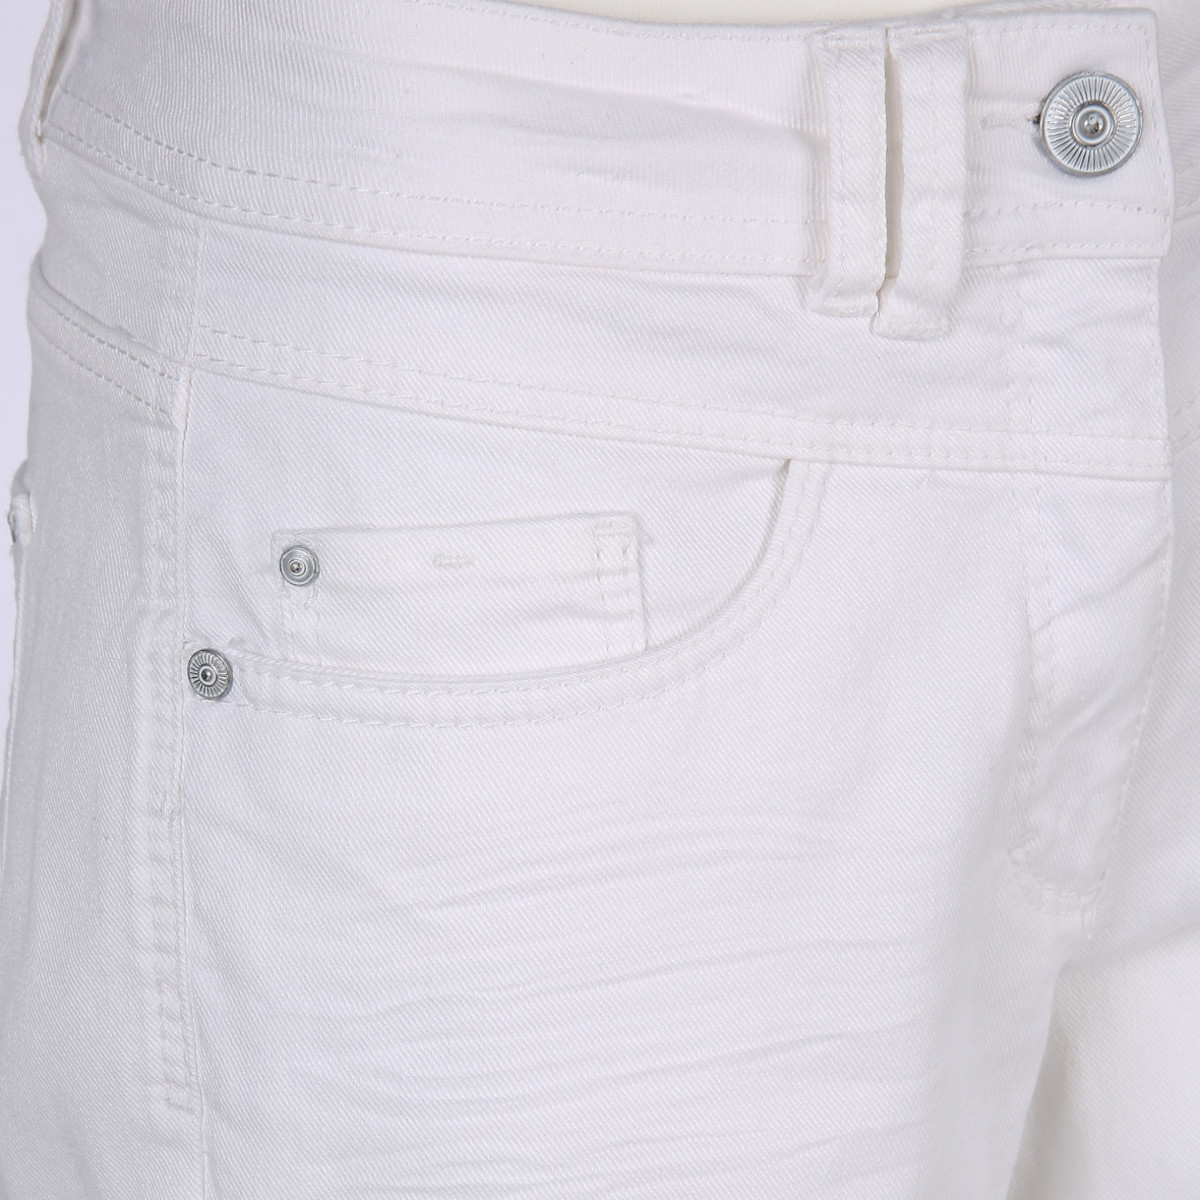 Bild 3 von Damen 7/8 Jeans mit Lochstickerei